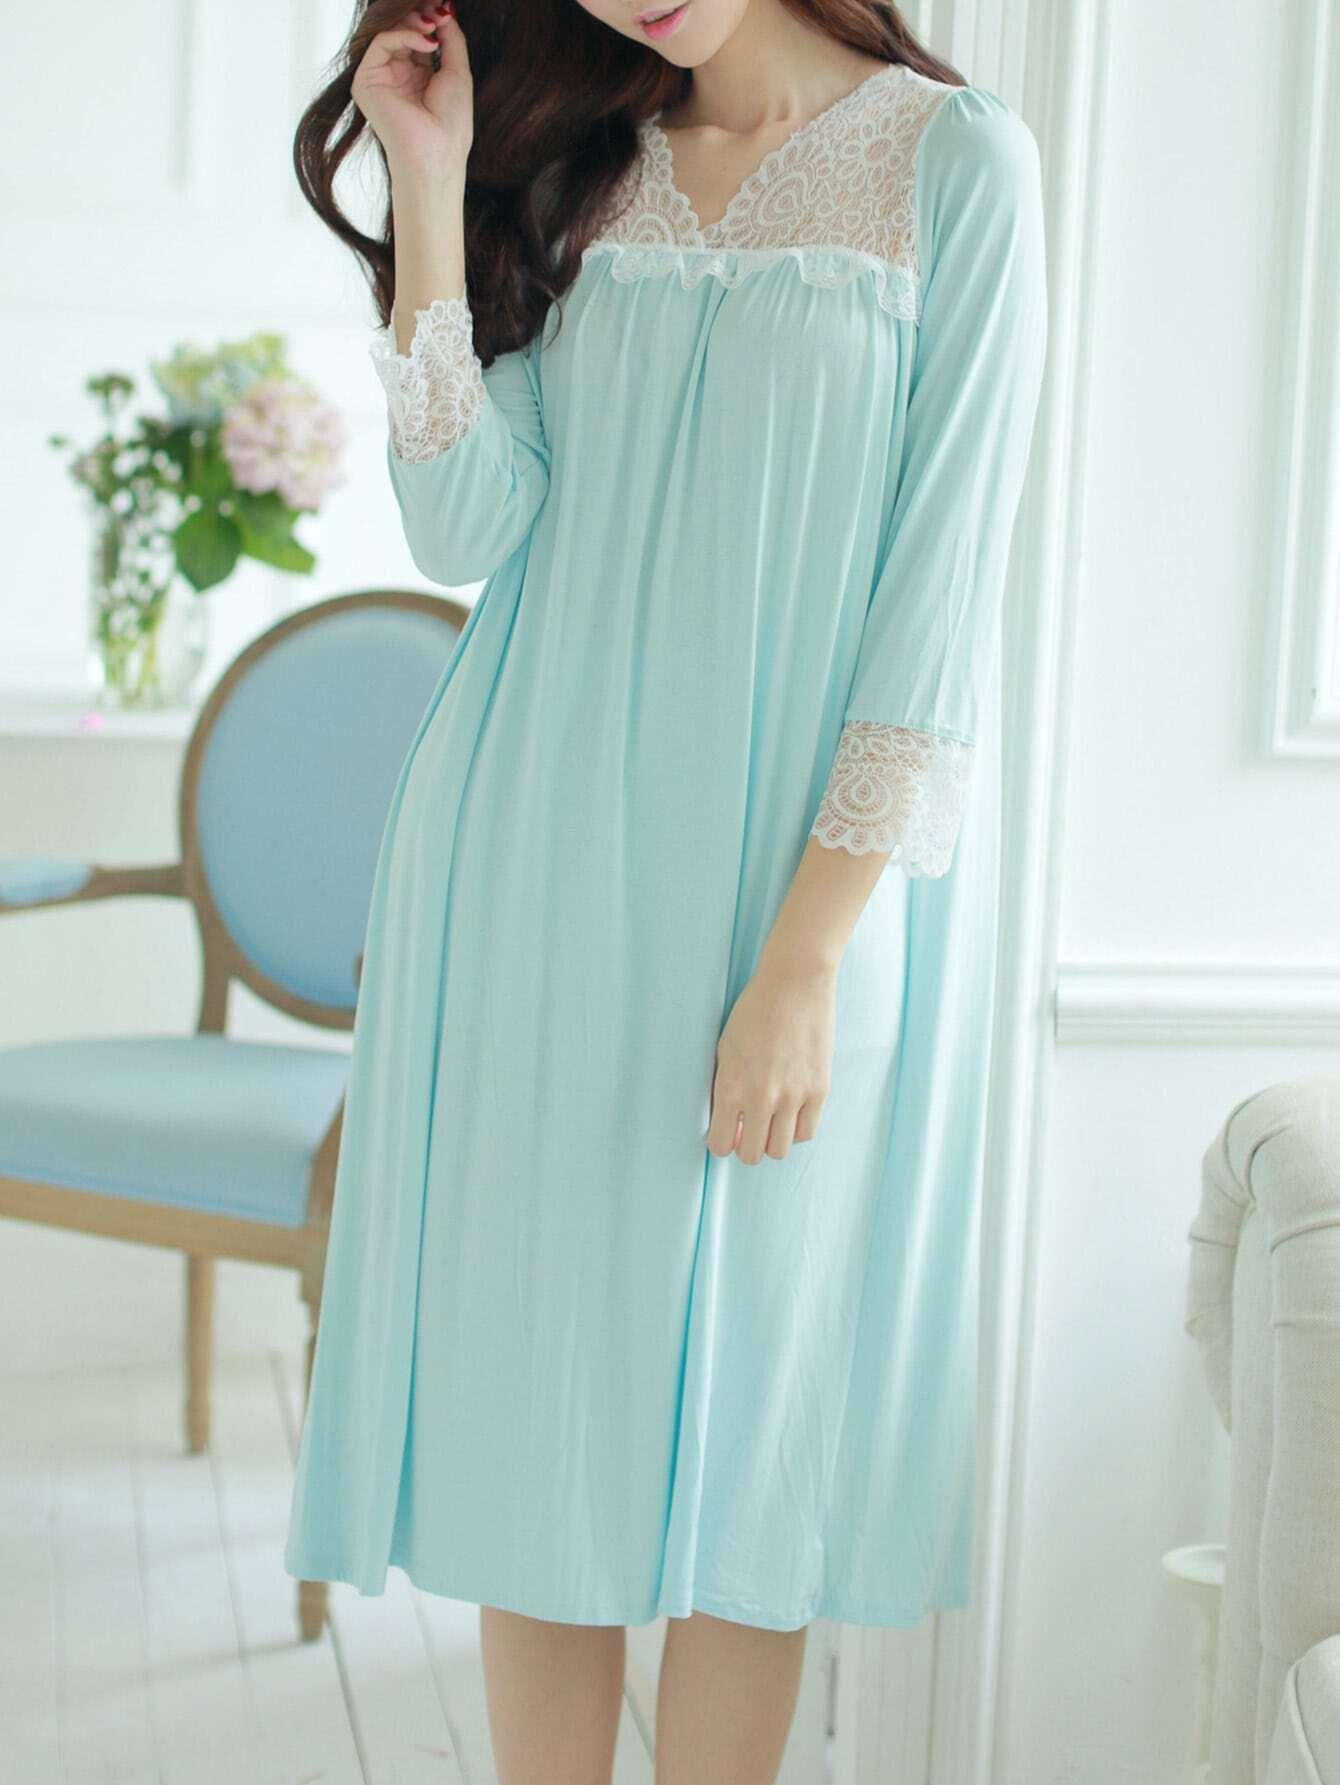 Contrast Lace Trim Dress maison jules new junior s small s pink combo lace crepe contrast trim dress $89